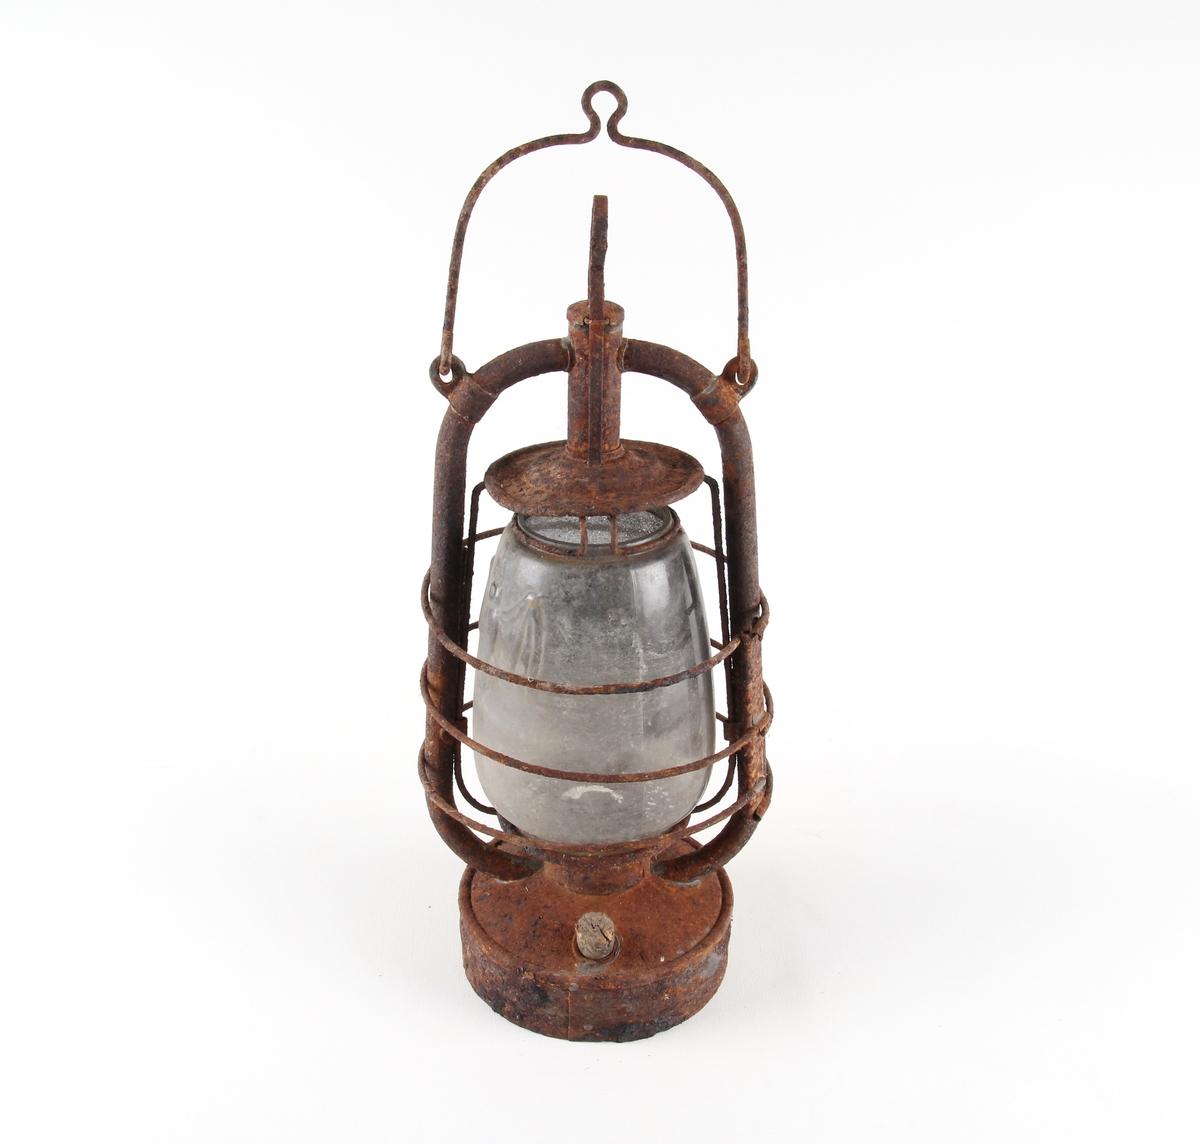 Flaggermuslykt med rund tank med en ramme og brenner. Gasskuppel står ned på brenneren.